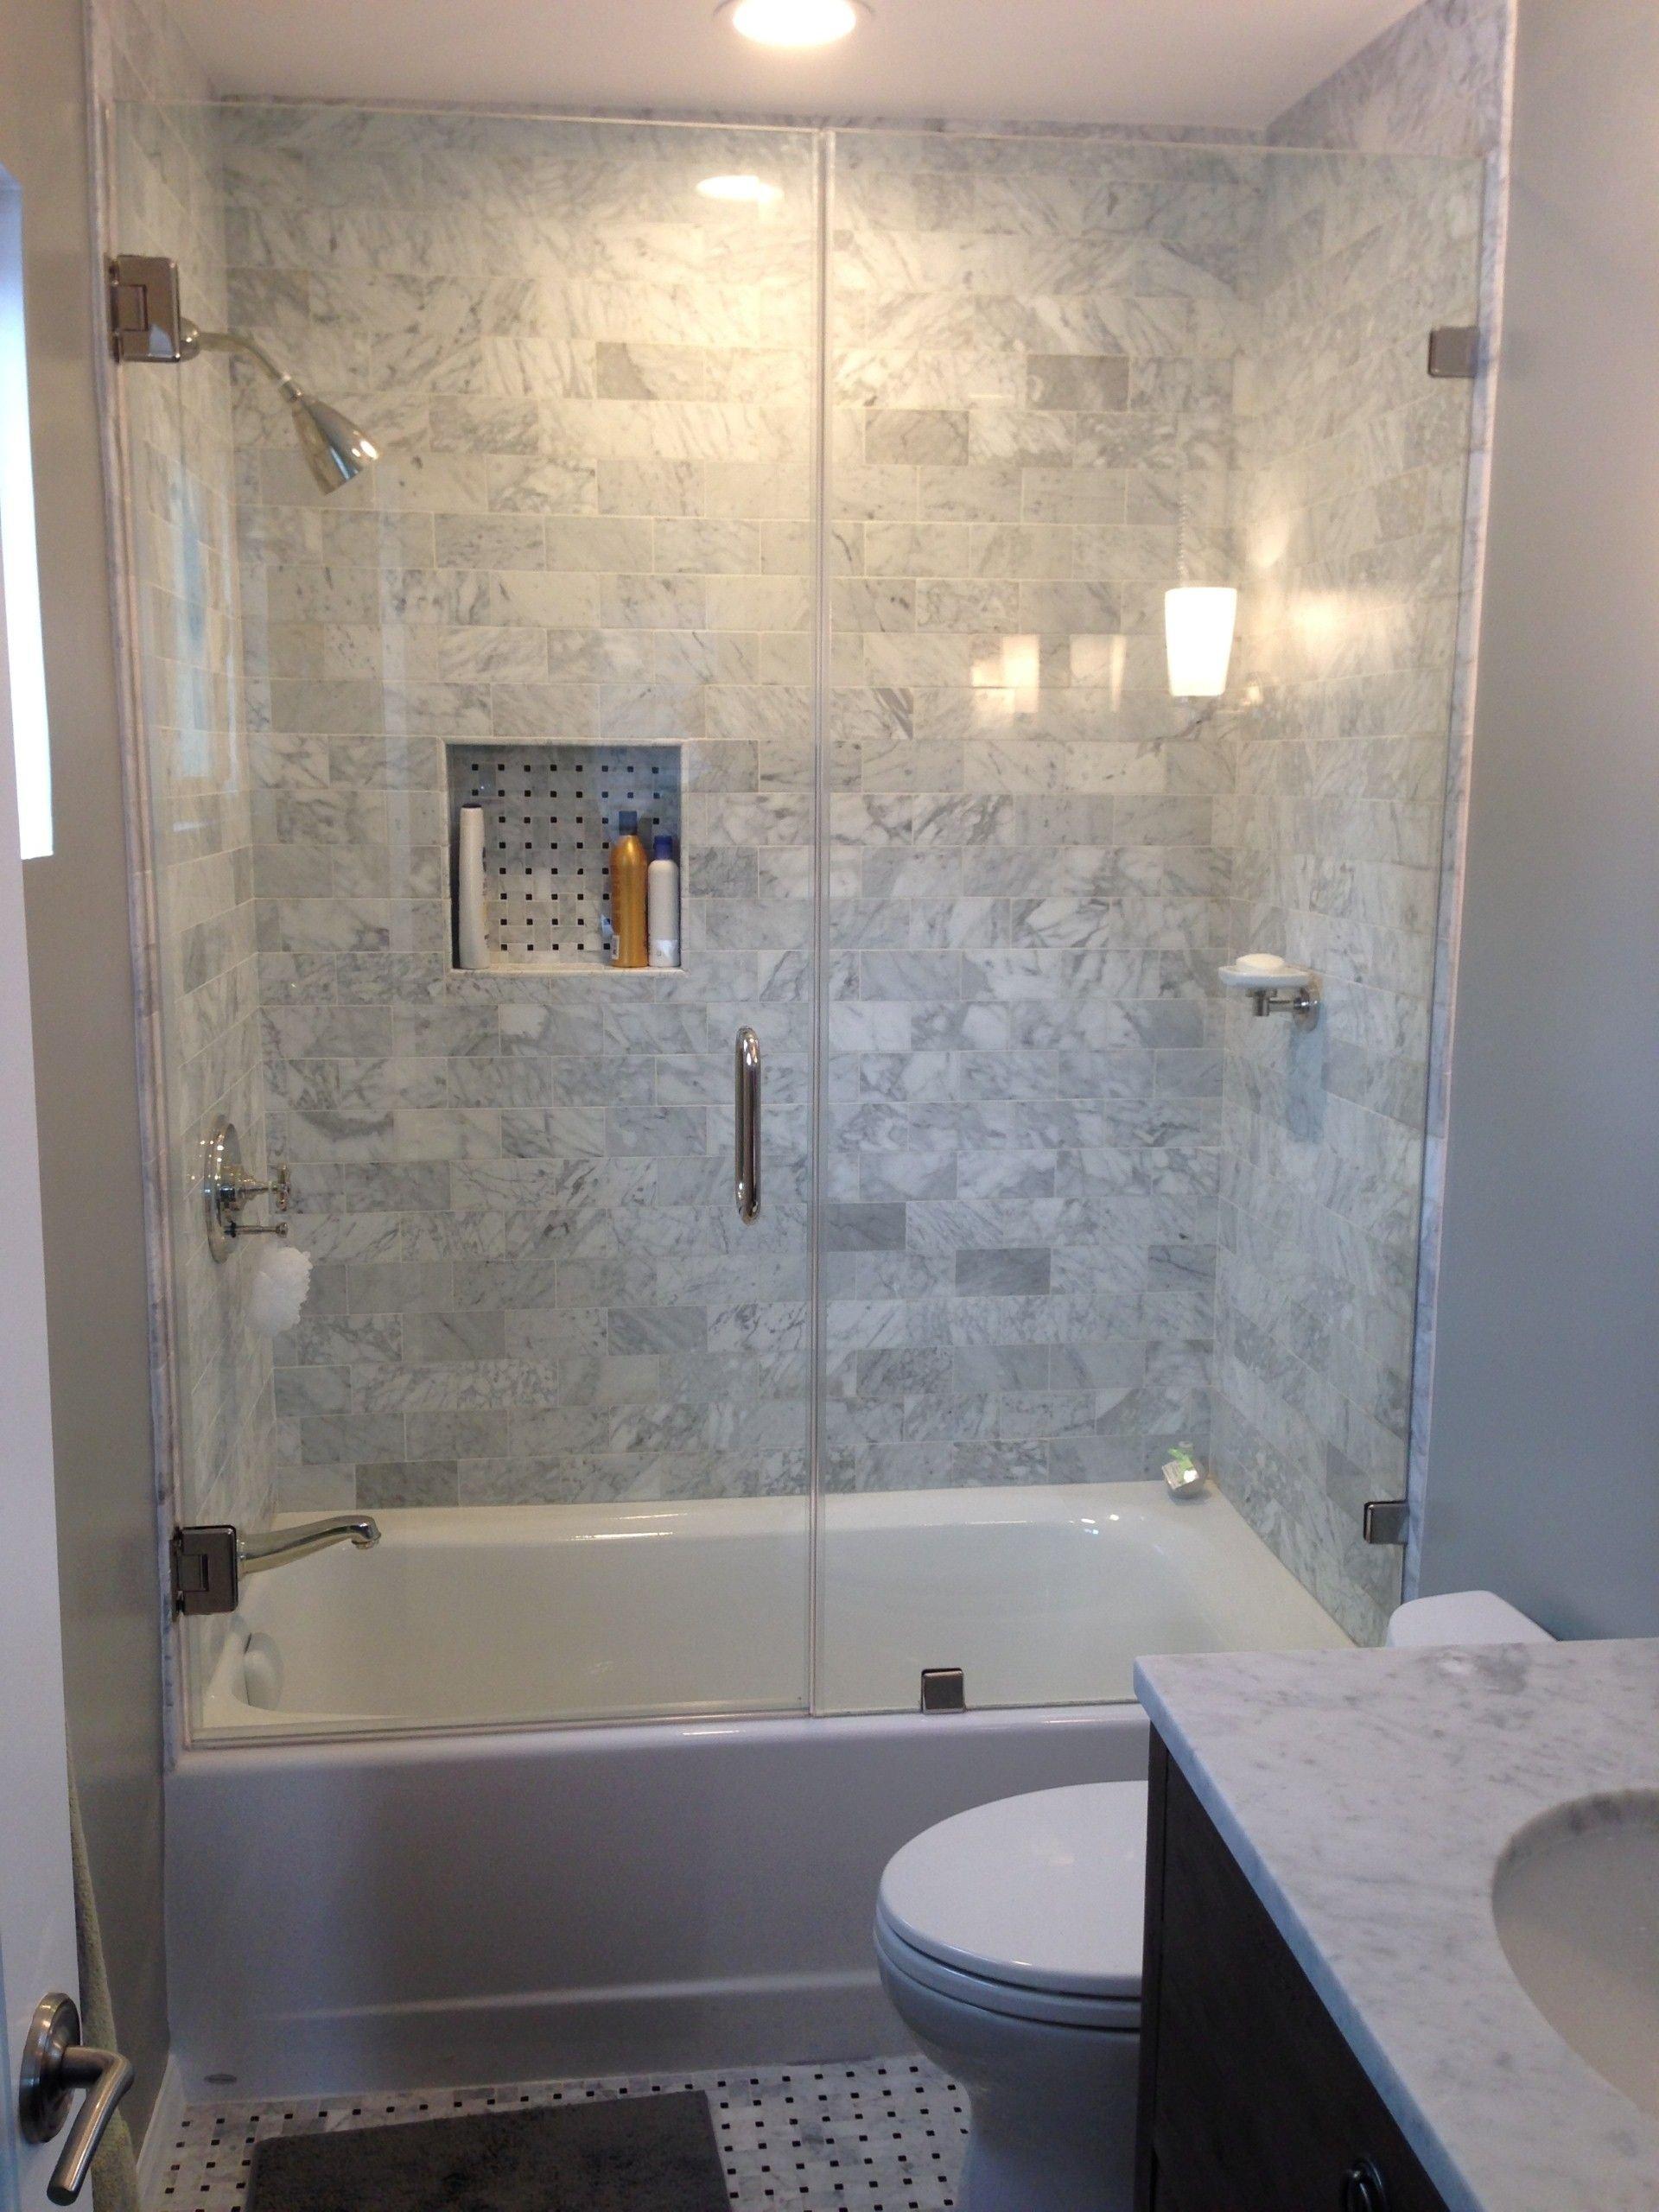 10 Amazing Bathtub Ideas For A Small Bathroom small bathroom bathtub ideas tacoy image designs 2020